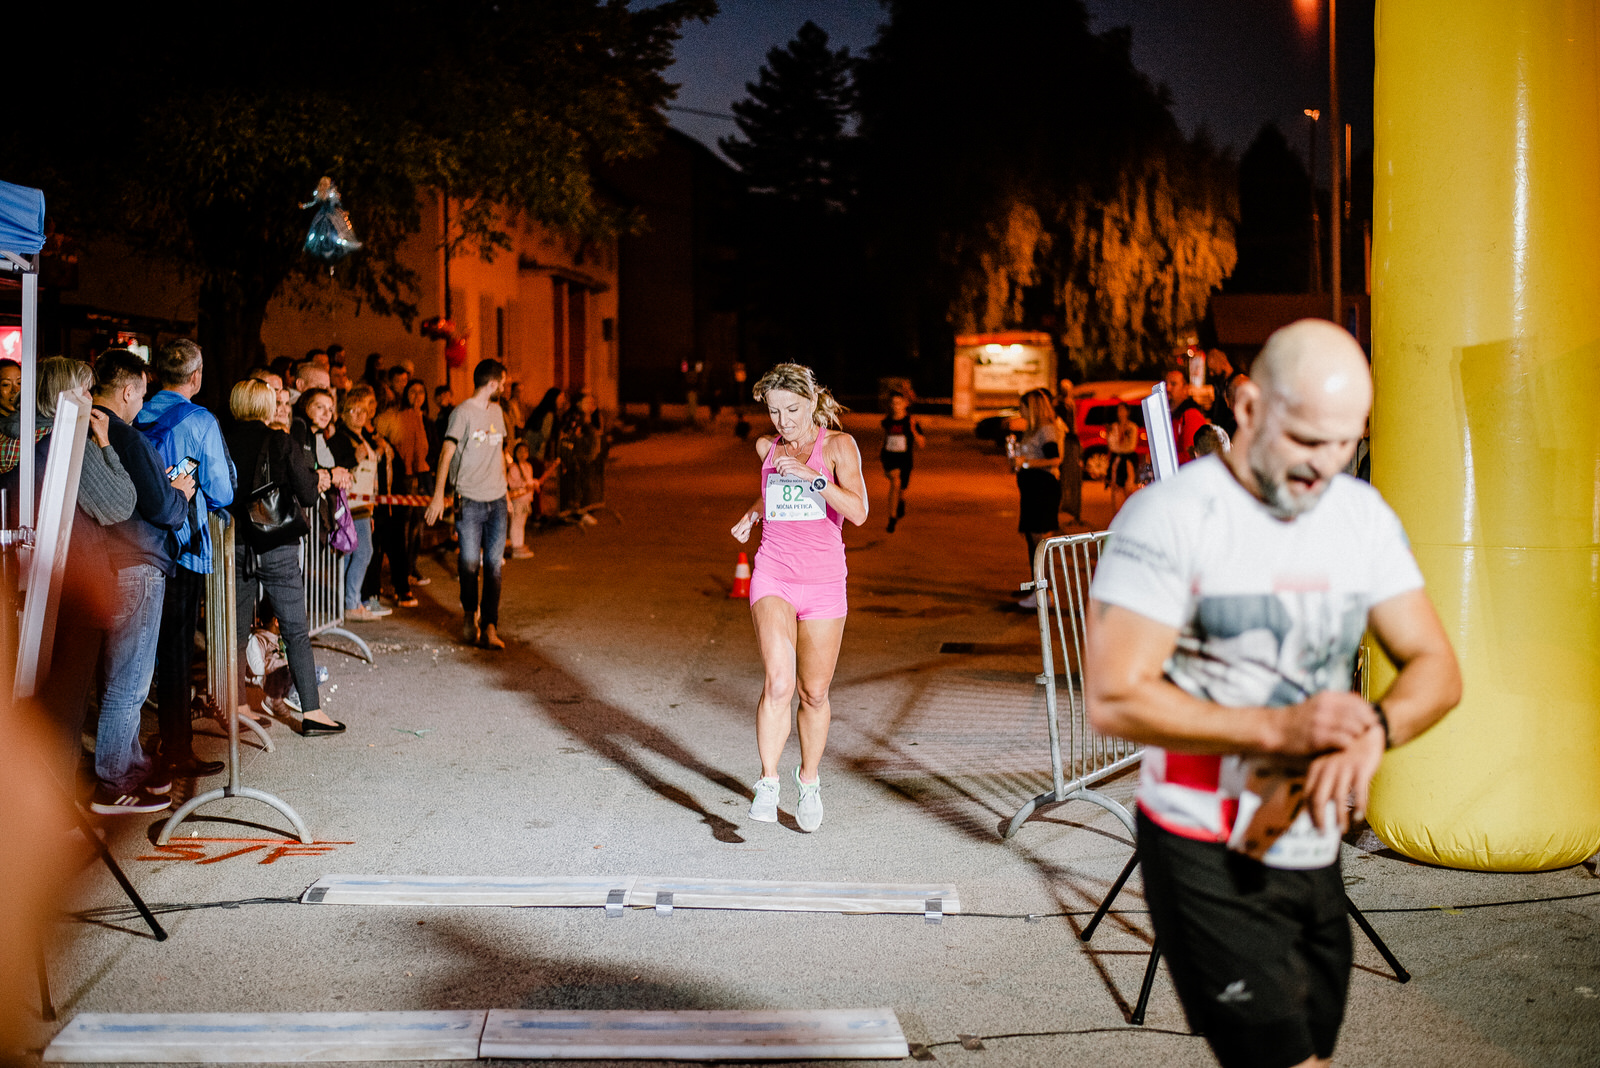 likaclub_korenica_noćna-utrka-2019-39